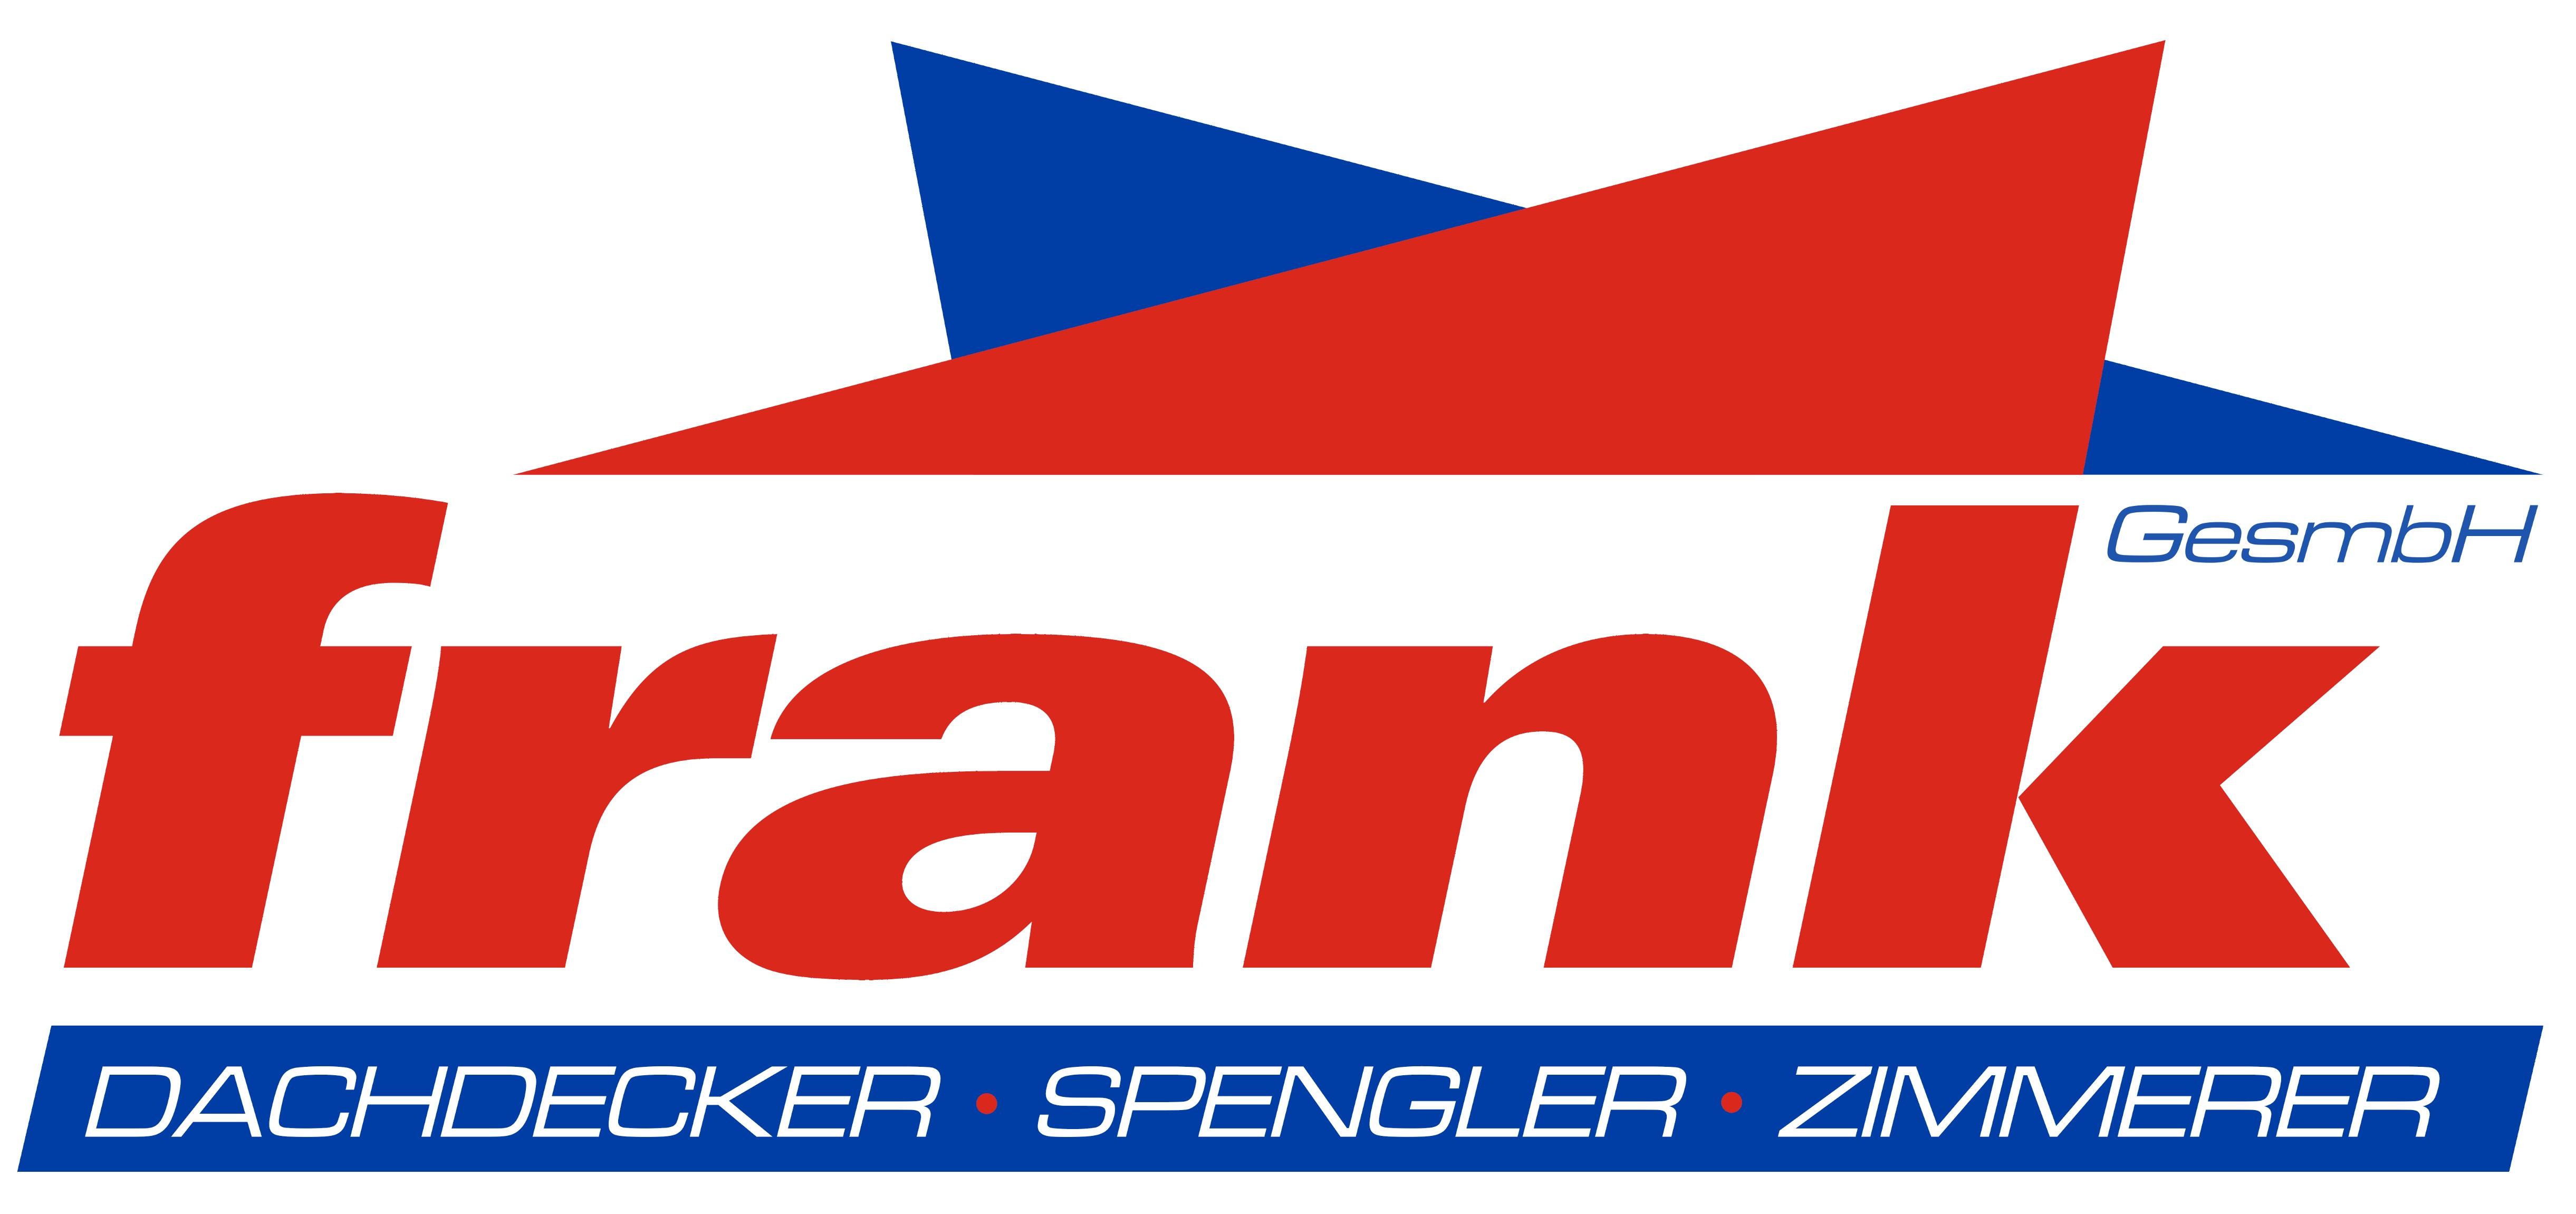 Dachdecker Spenglerei Frank